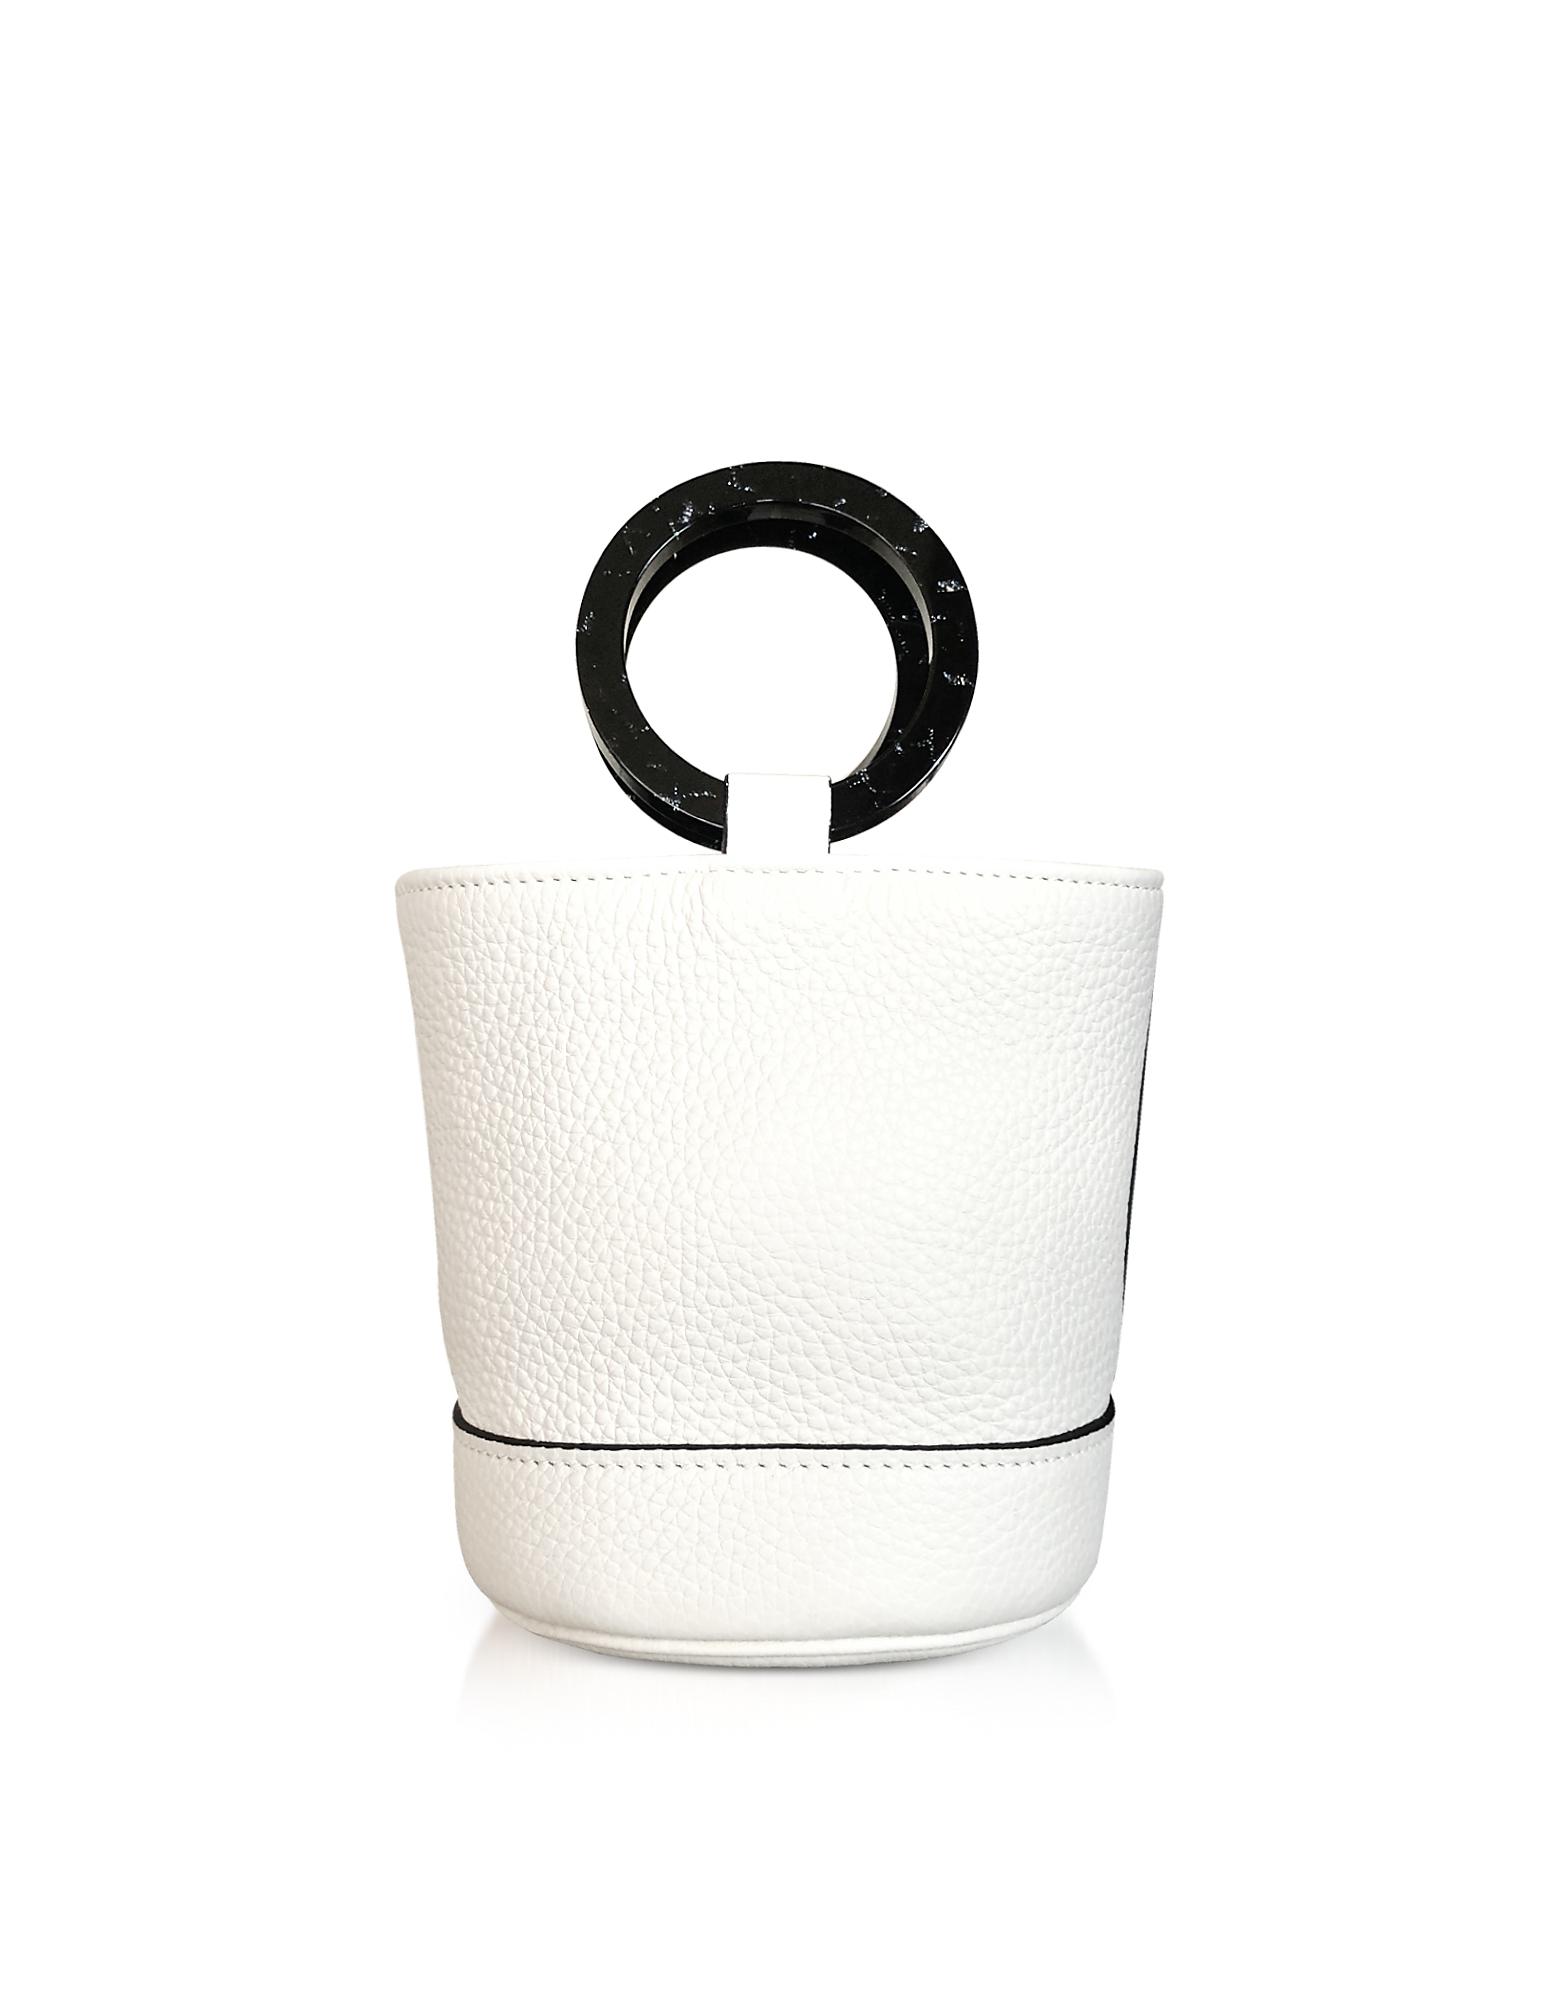 Image of Simon Miller Designer Handbags, Cliff Leather Bonsai 15cm Bag